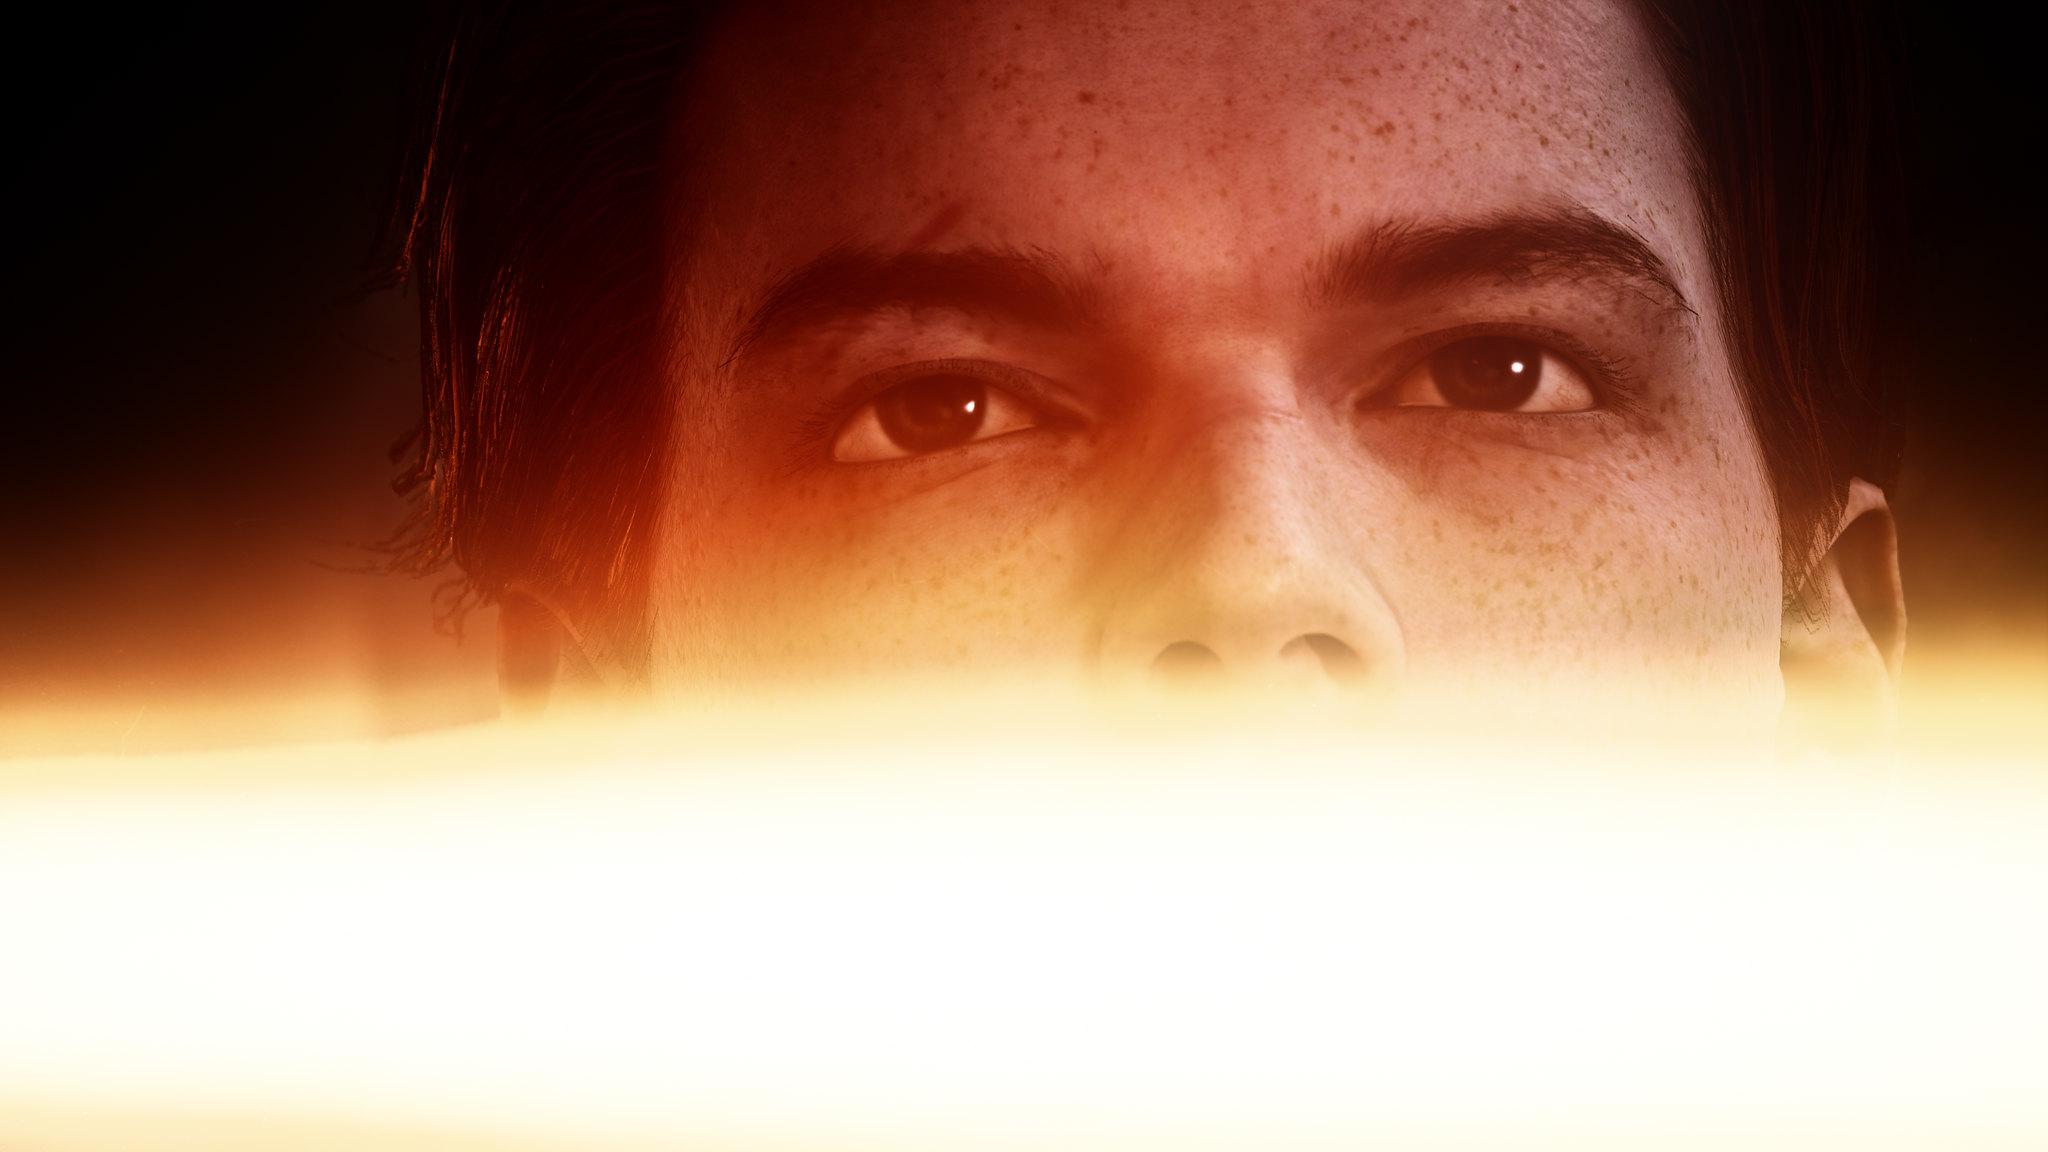 49187629293_63d3ee3815_k.jpg - Star Wars Jedi: Fallen Order